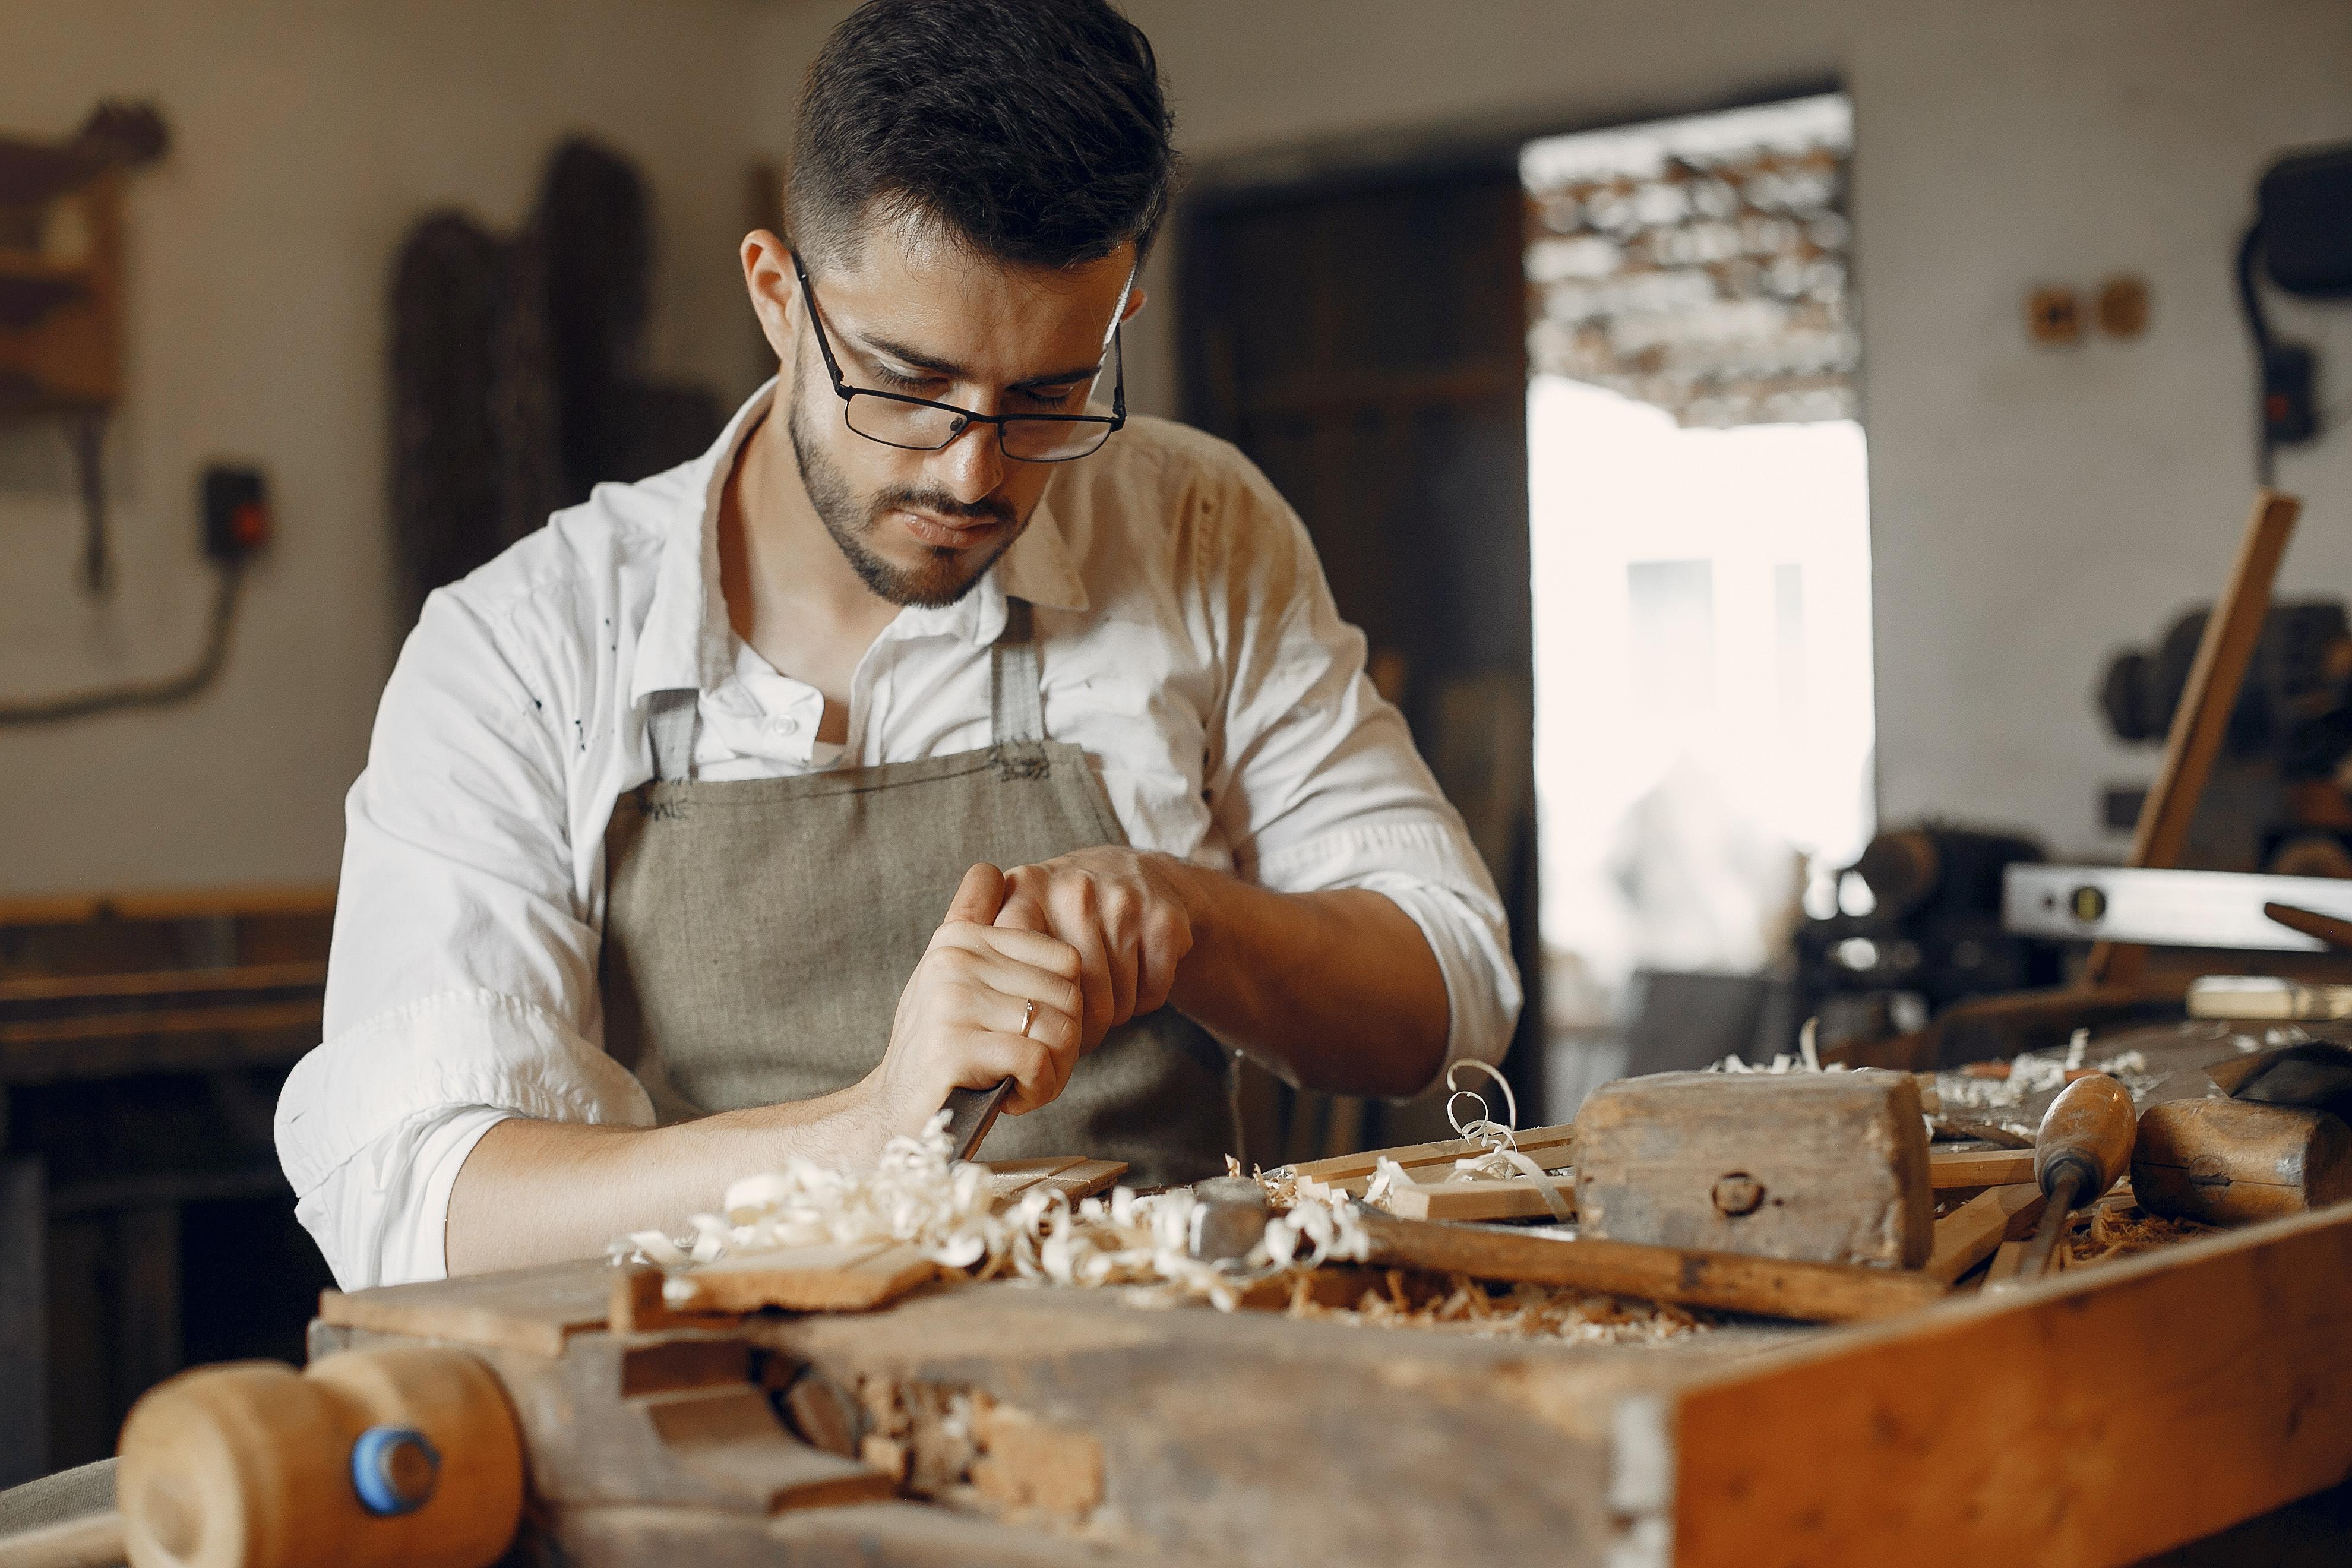 Los mejores cursos de bricolaje y decoración